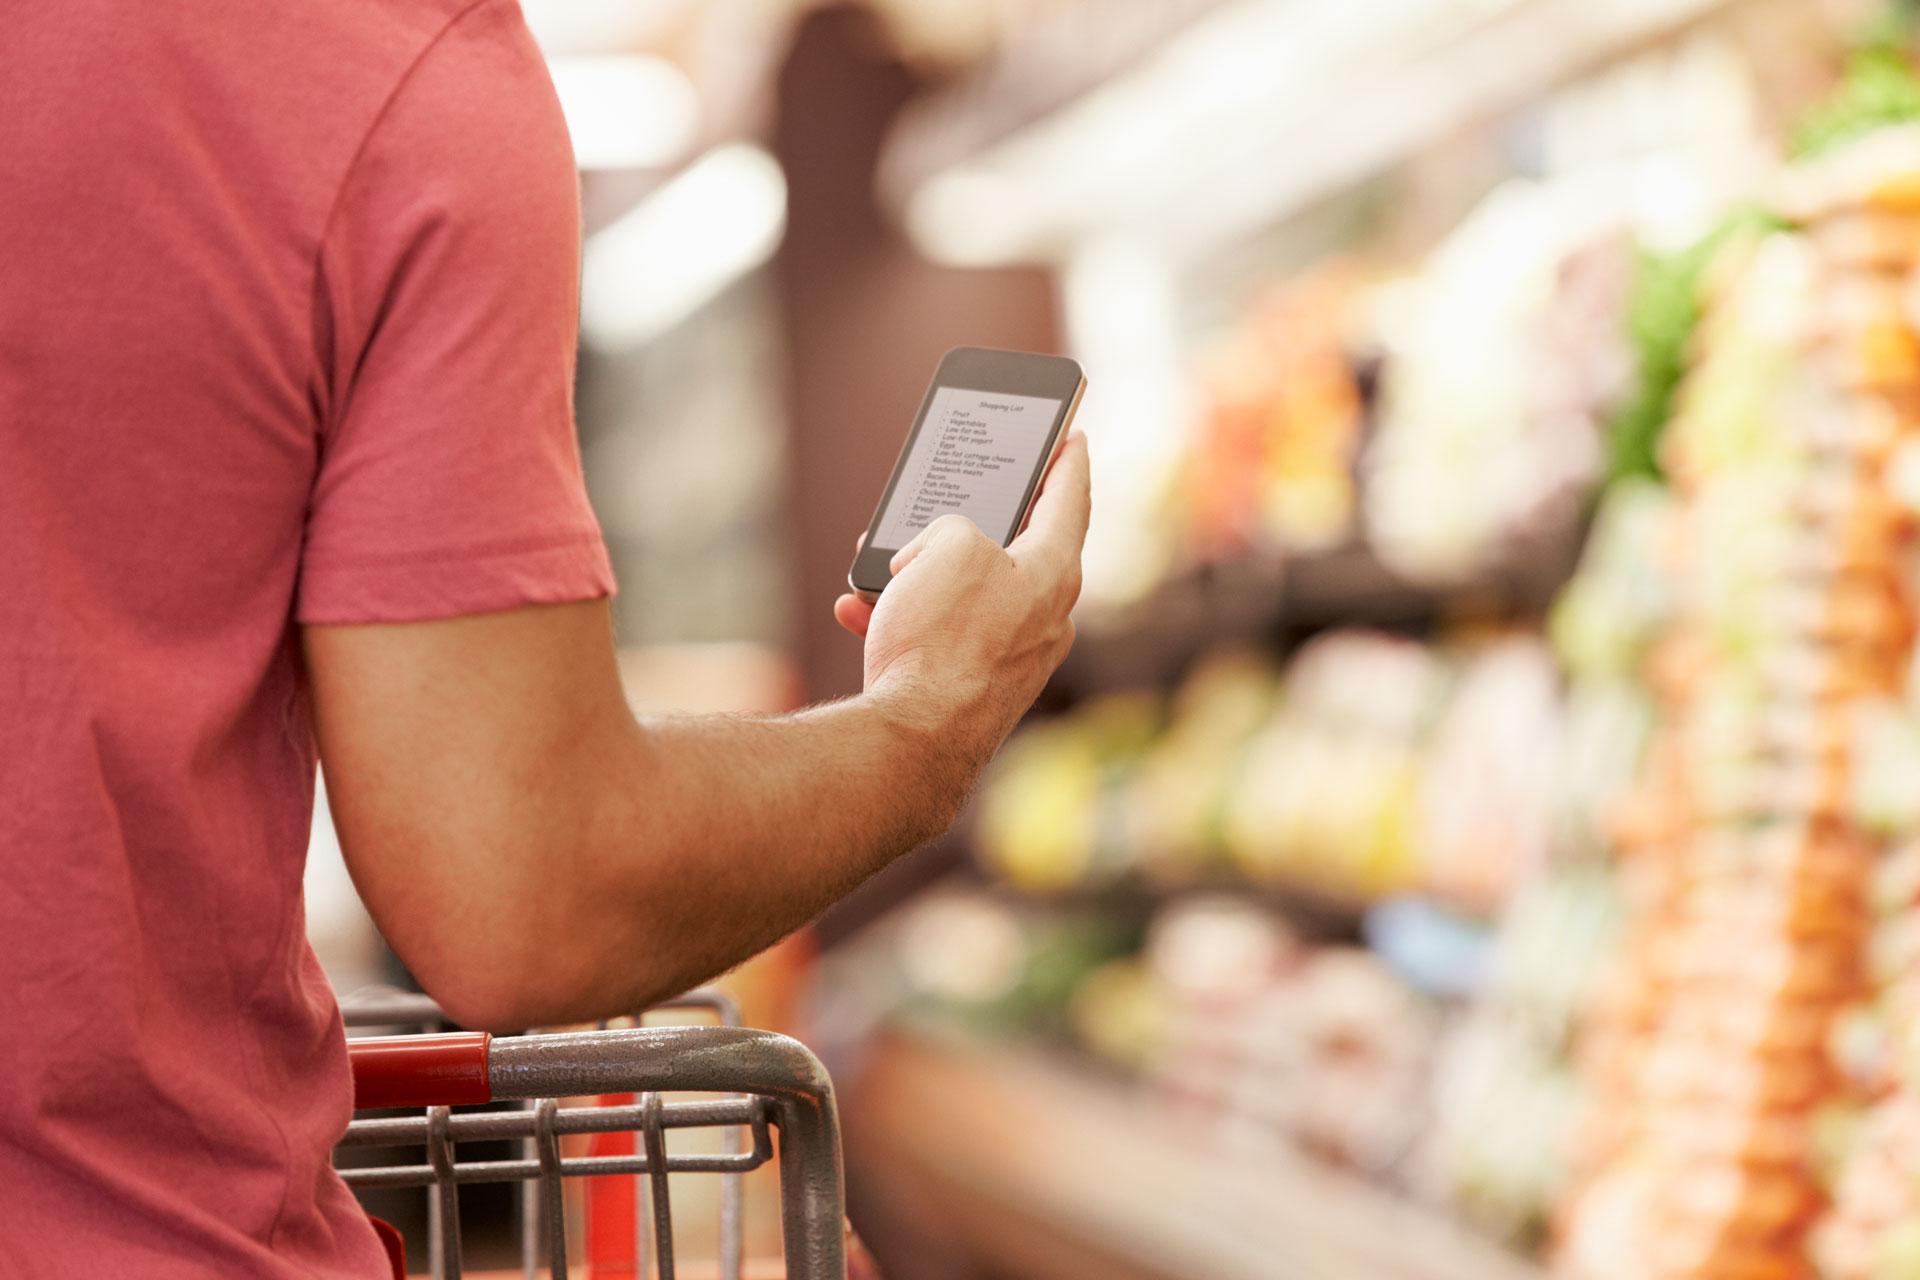 Mann hakt beim Einkaufen den digitalen Einkaufszettel ab